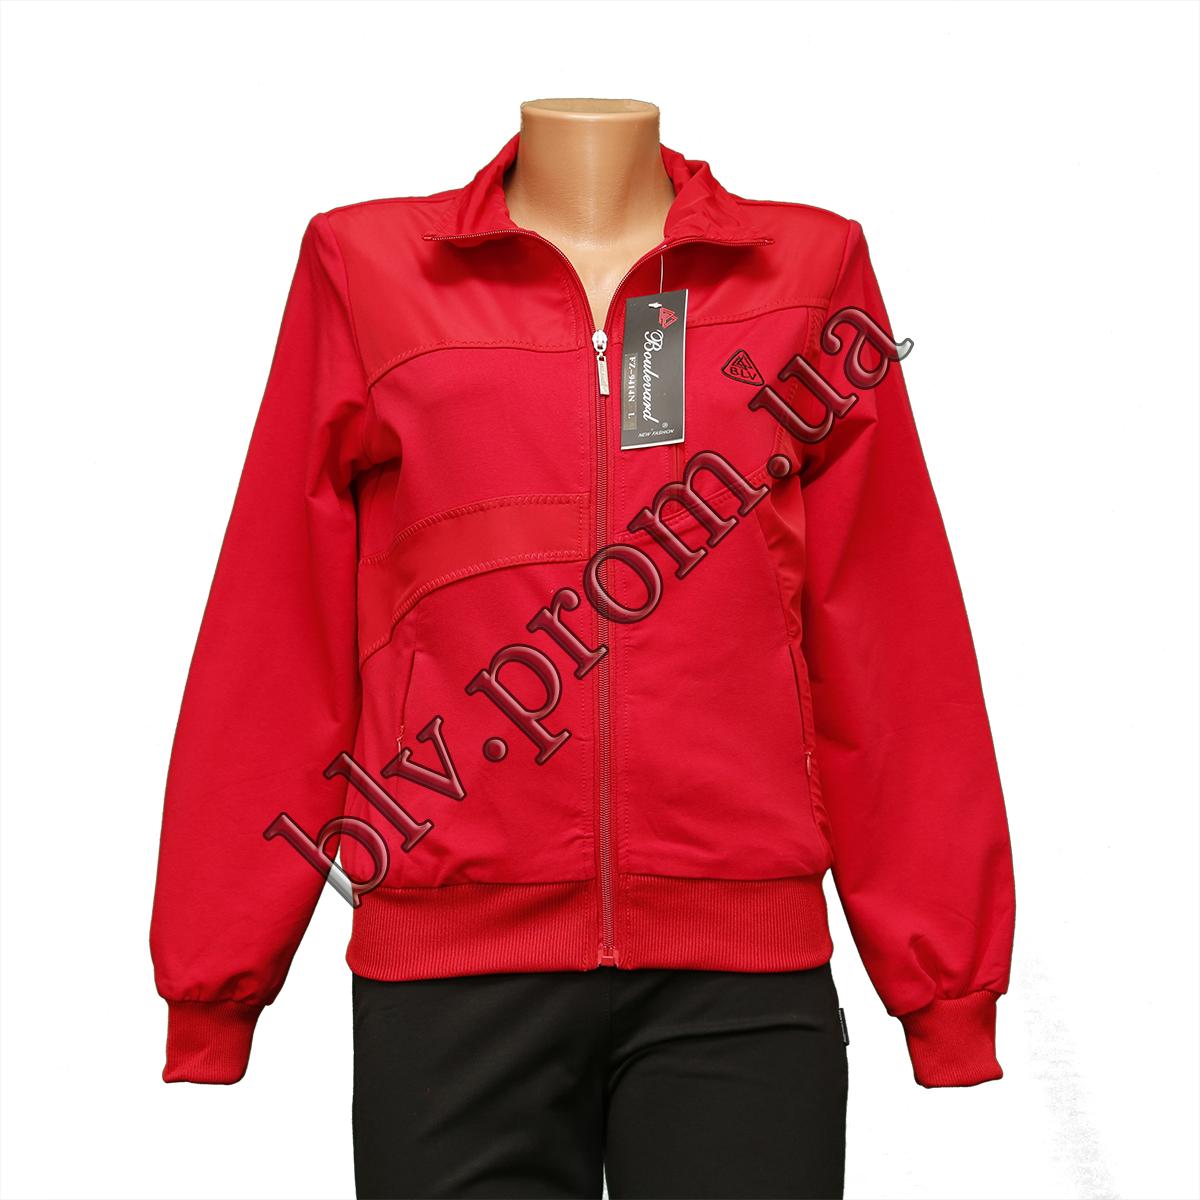 2d23af5e0a2 Спортивный костюм красный женский распродажа FZ9414 оптом и в ...